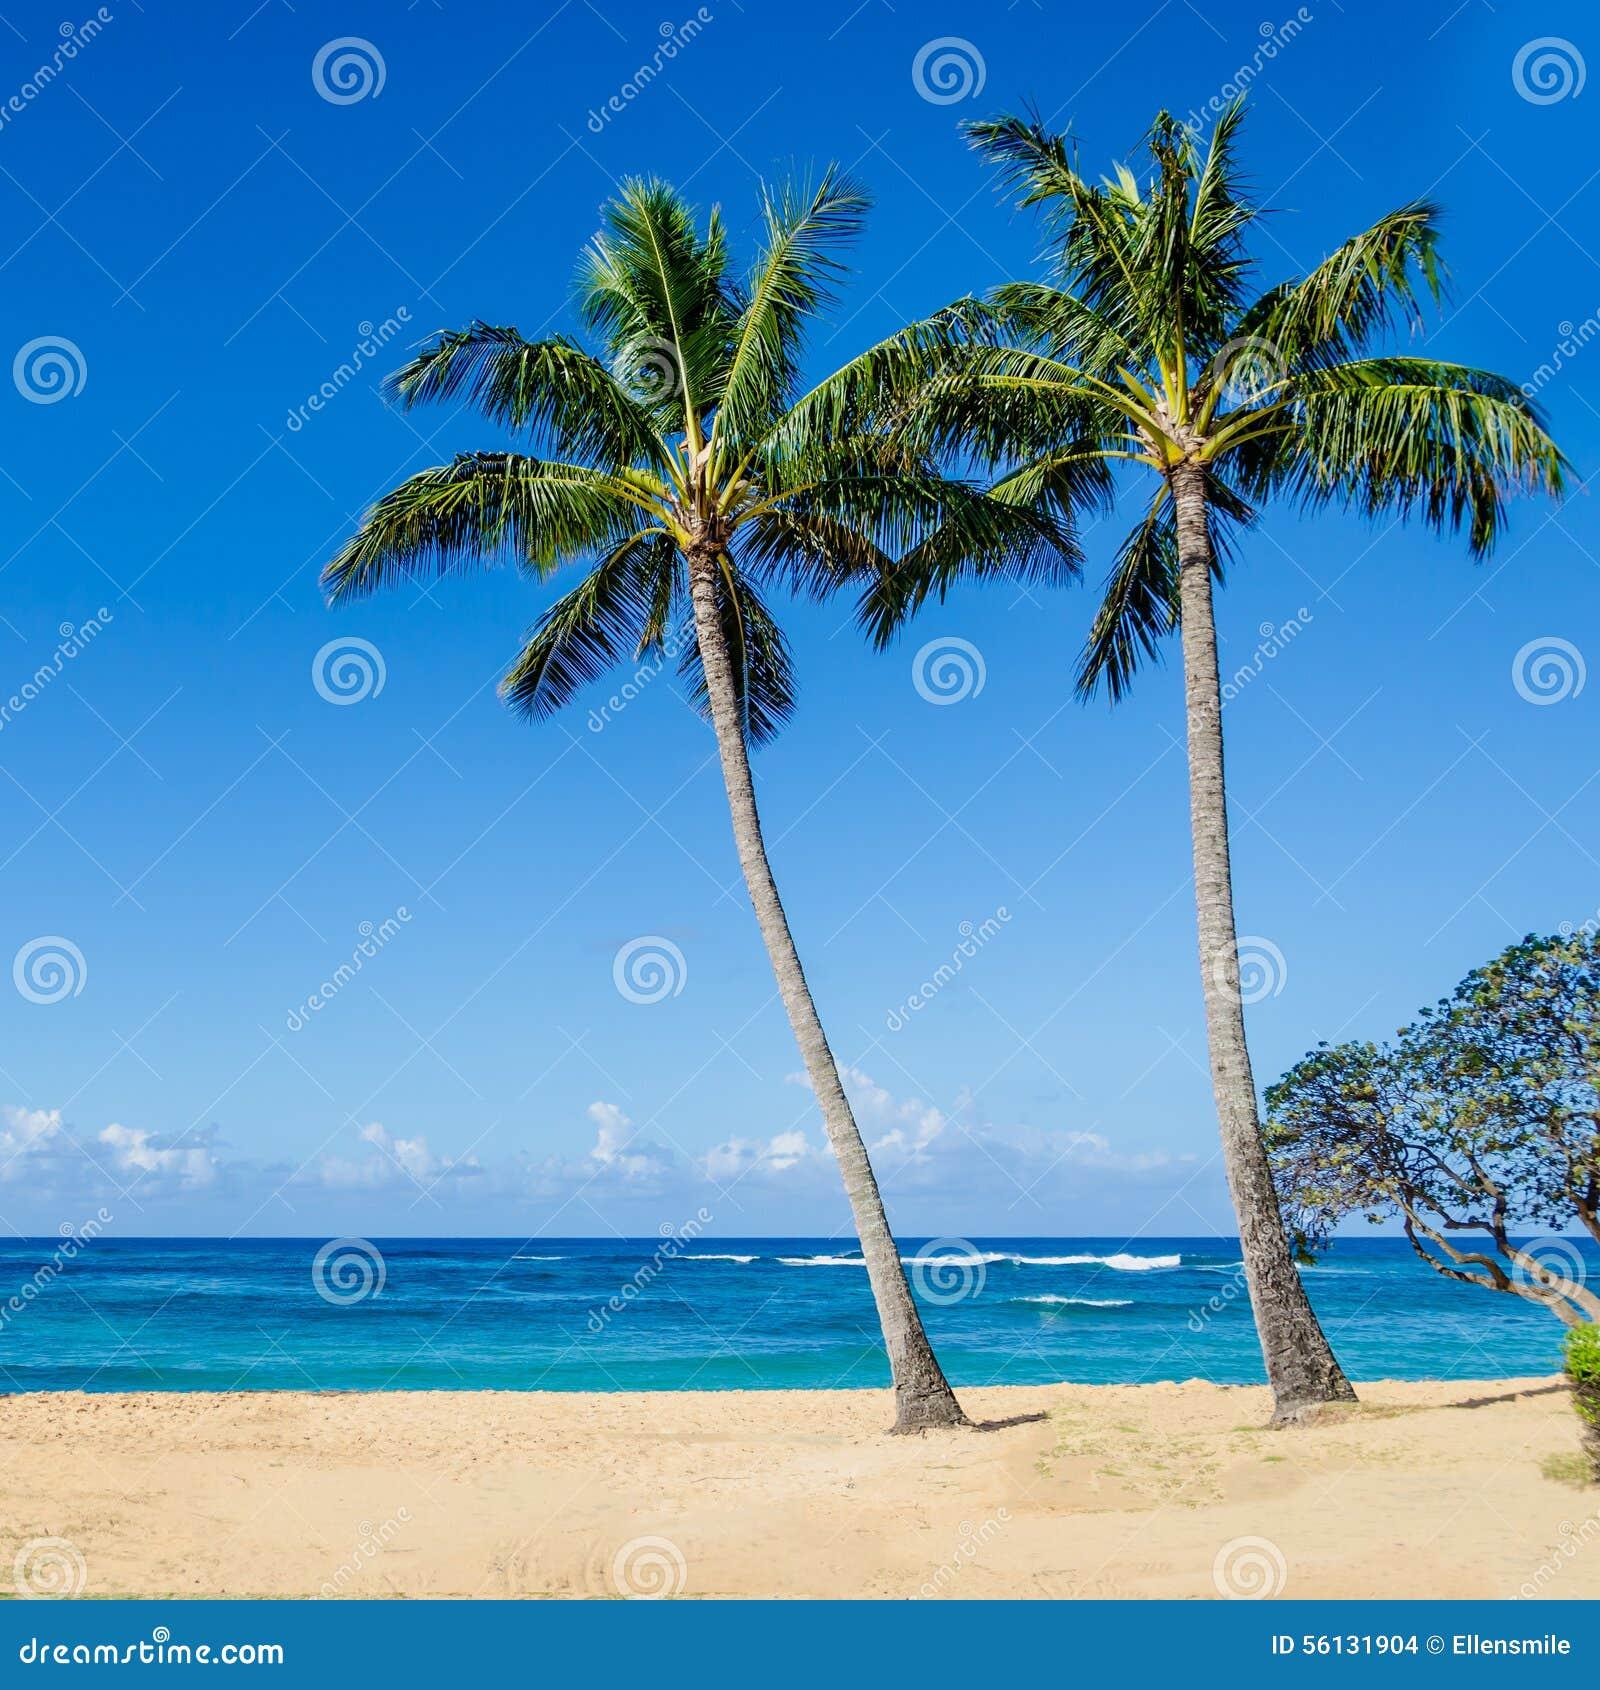 kokosnuss palmen auf dem sandigen poipu setzen in hawaii auf den strand stockfoto bild von. Black Bedroom Furniture Sets. Home Design Ideas